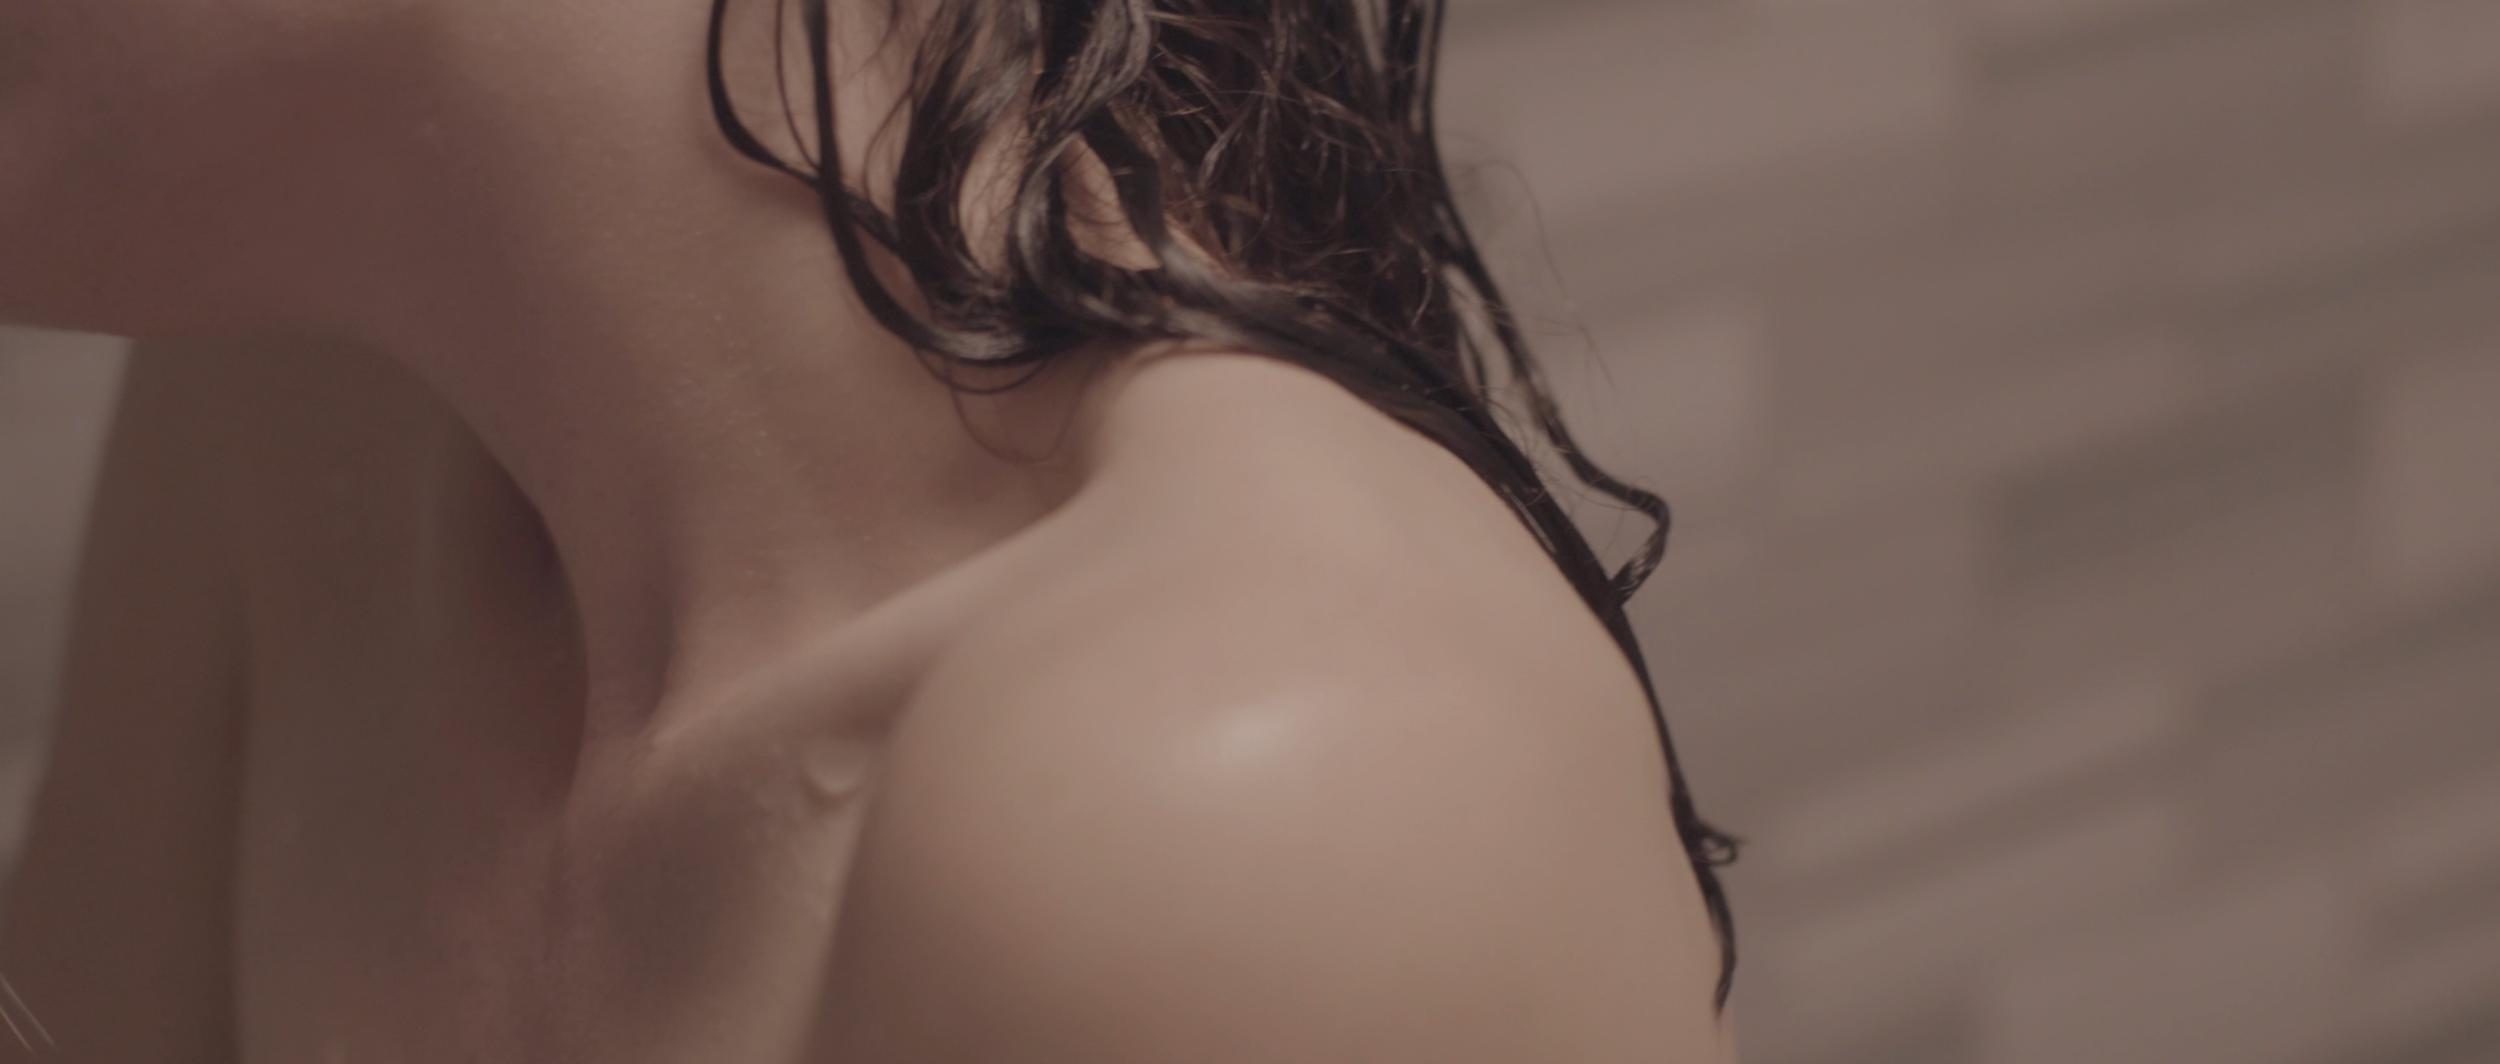 Shower_Still1.png